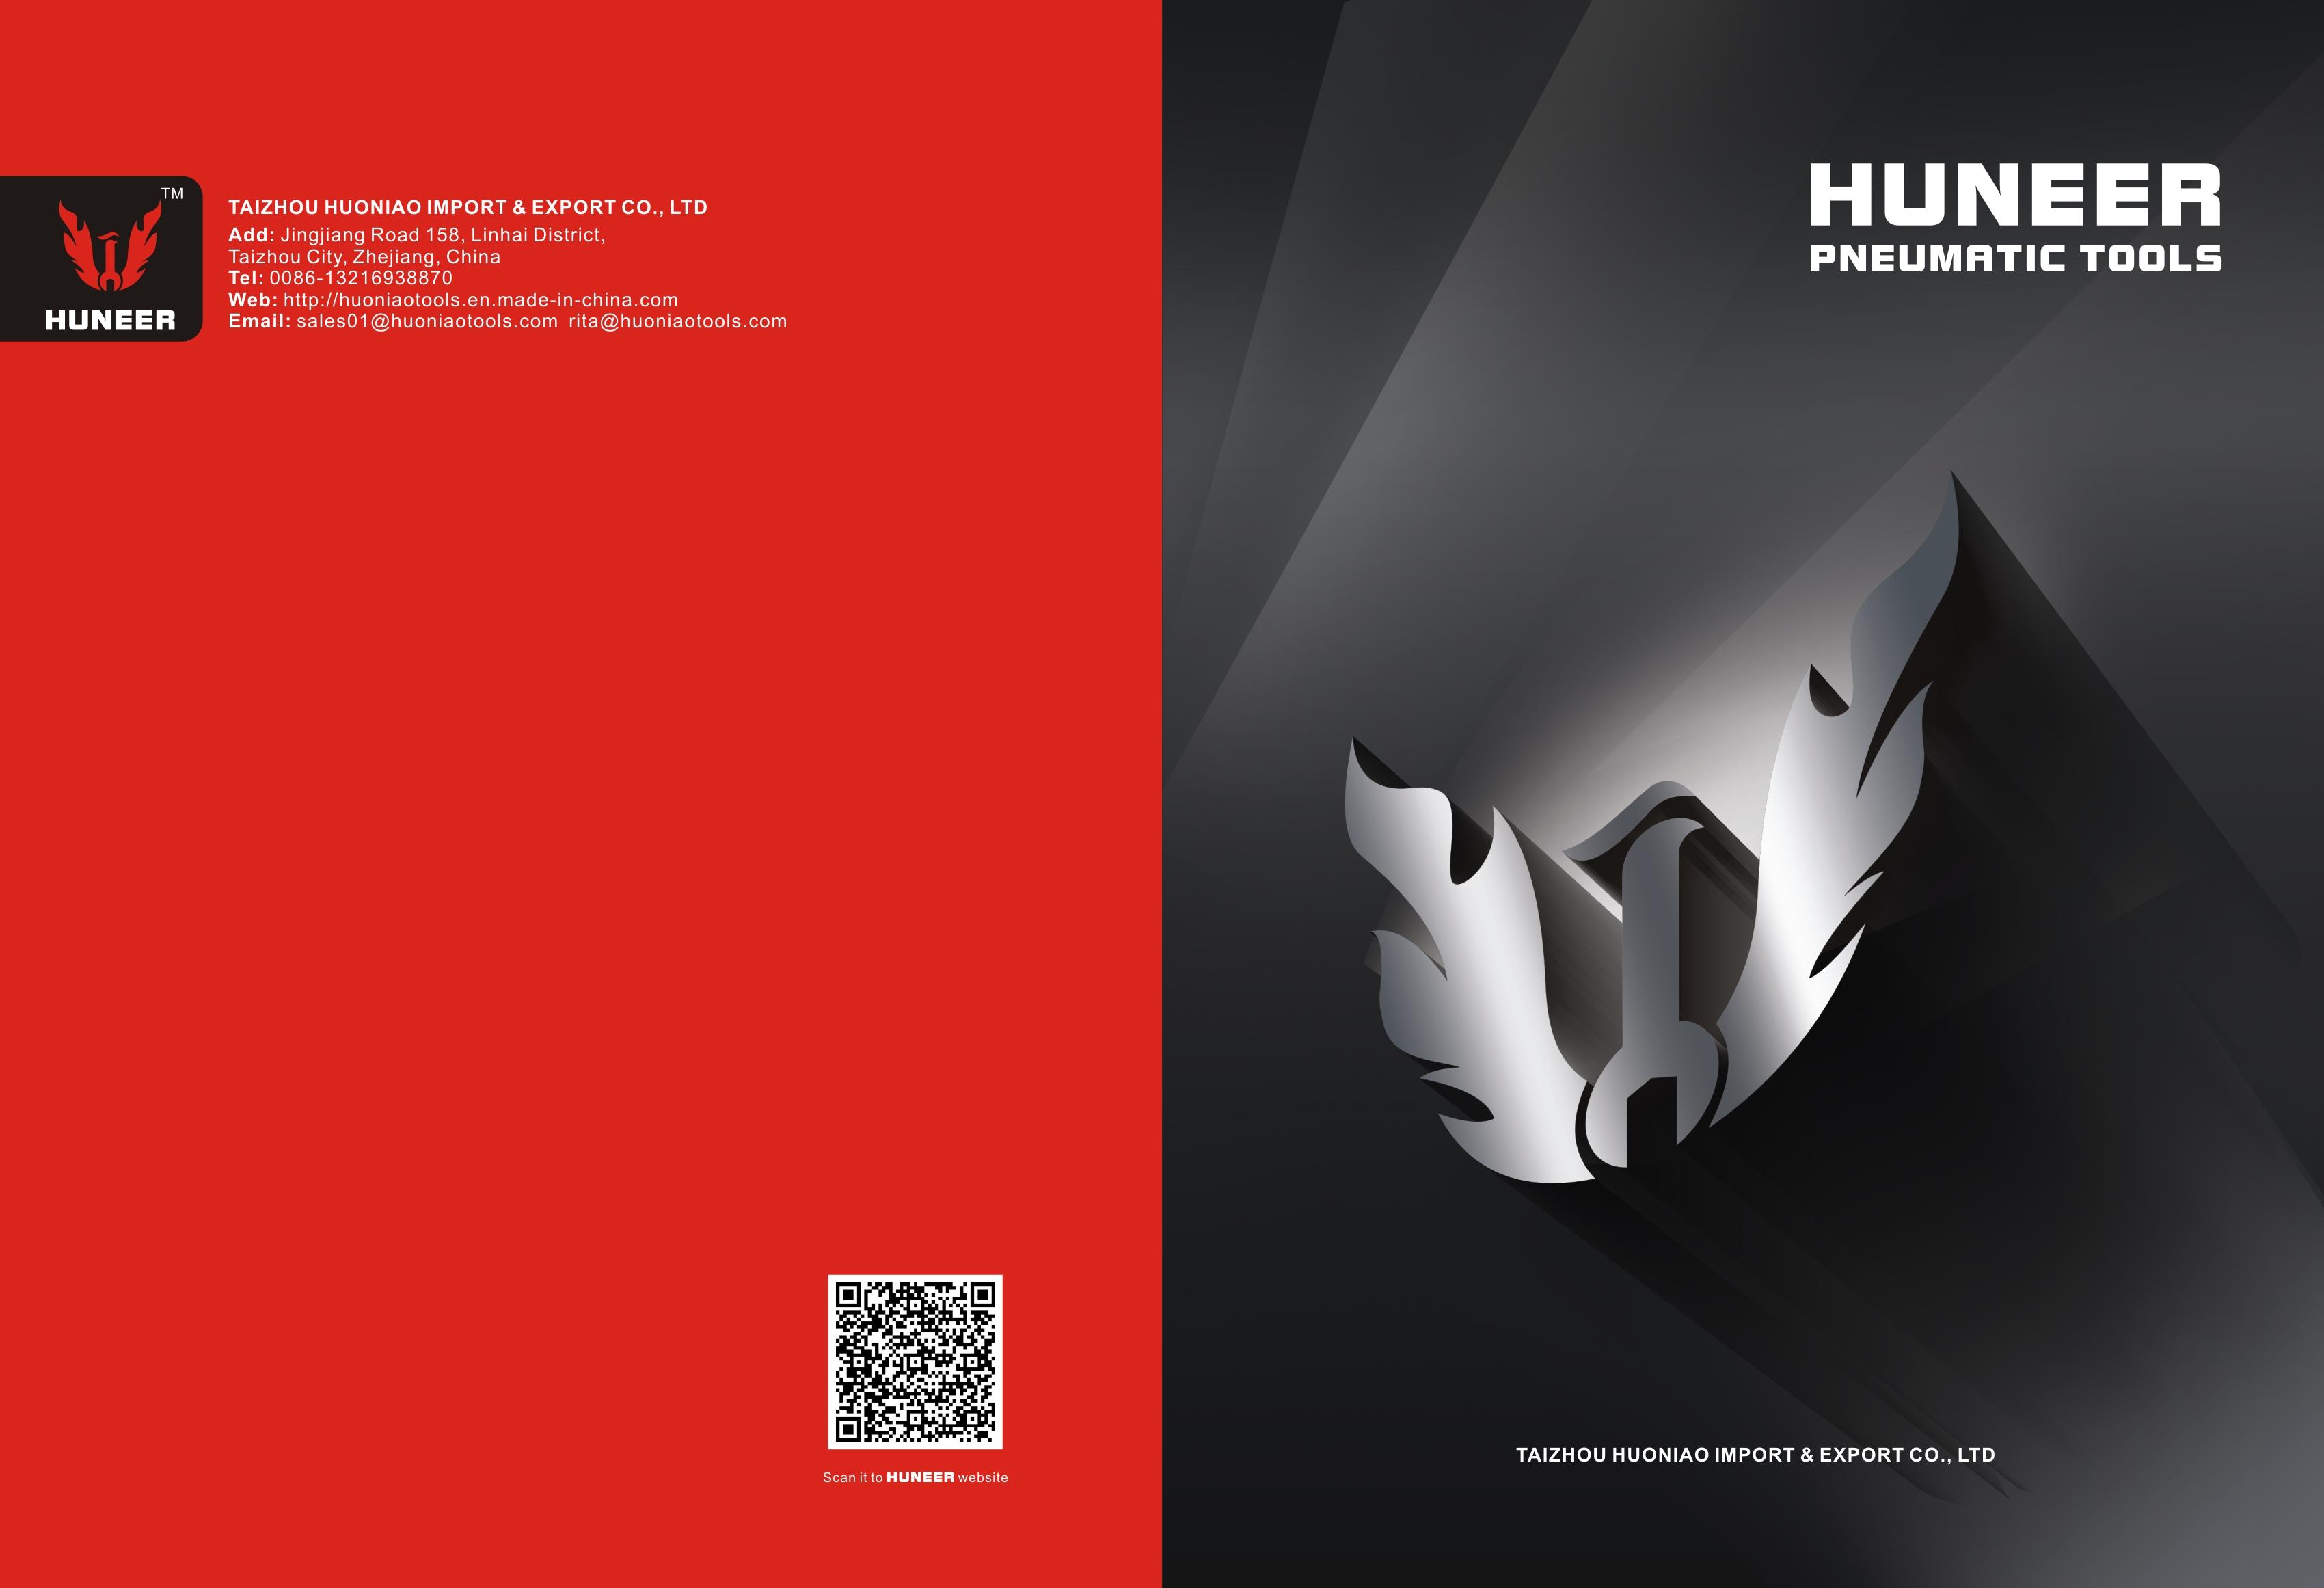 HUNEER E-catalogue